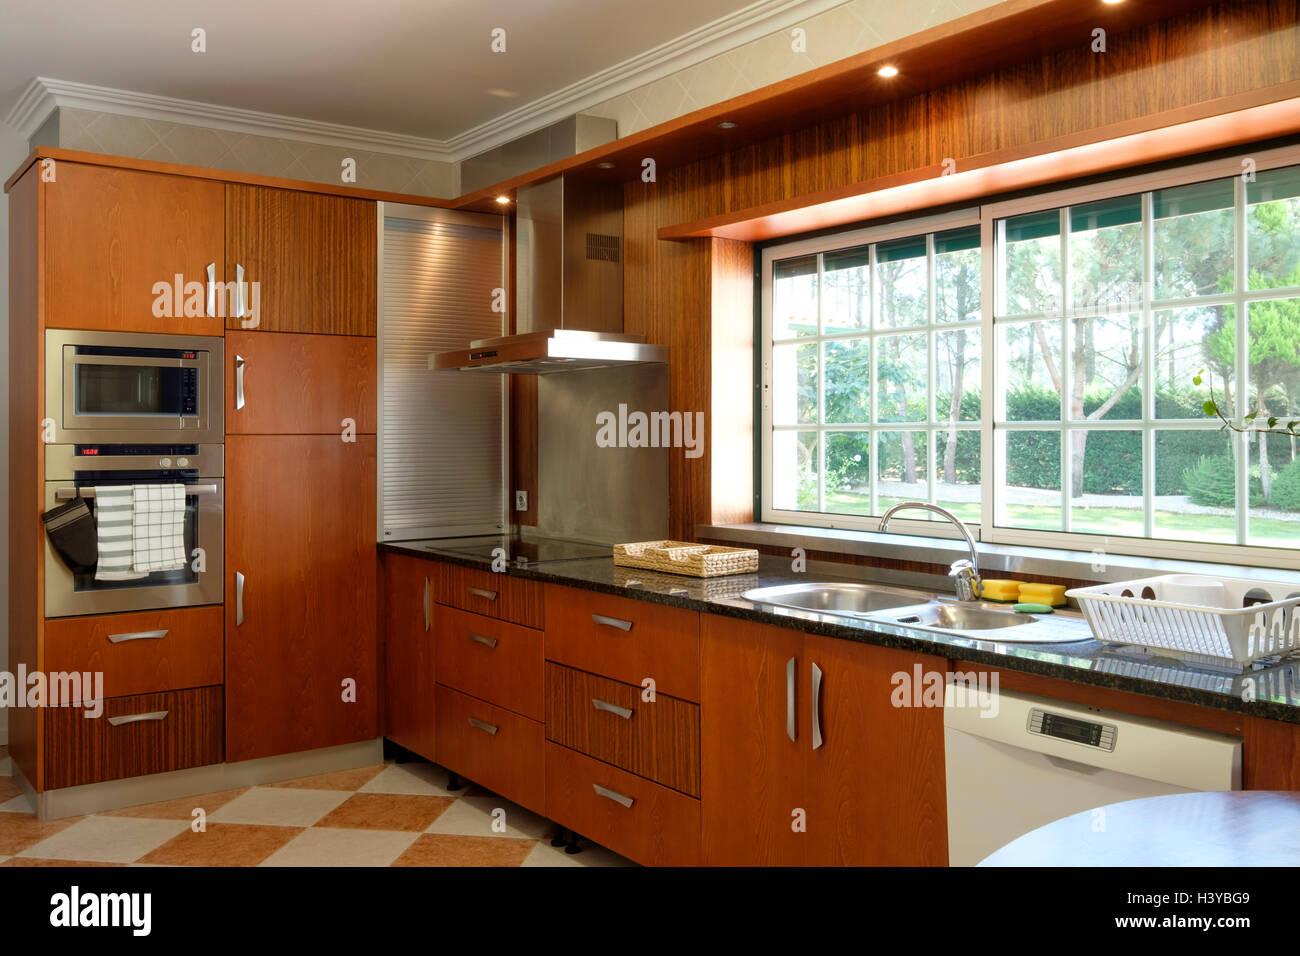 Moderne Küche Interieur mit Holzschränke Stockfoto, Bild: 122918329 ...